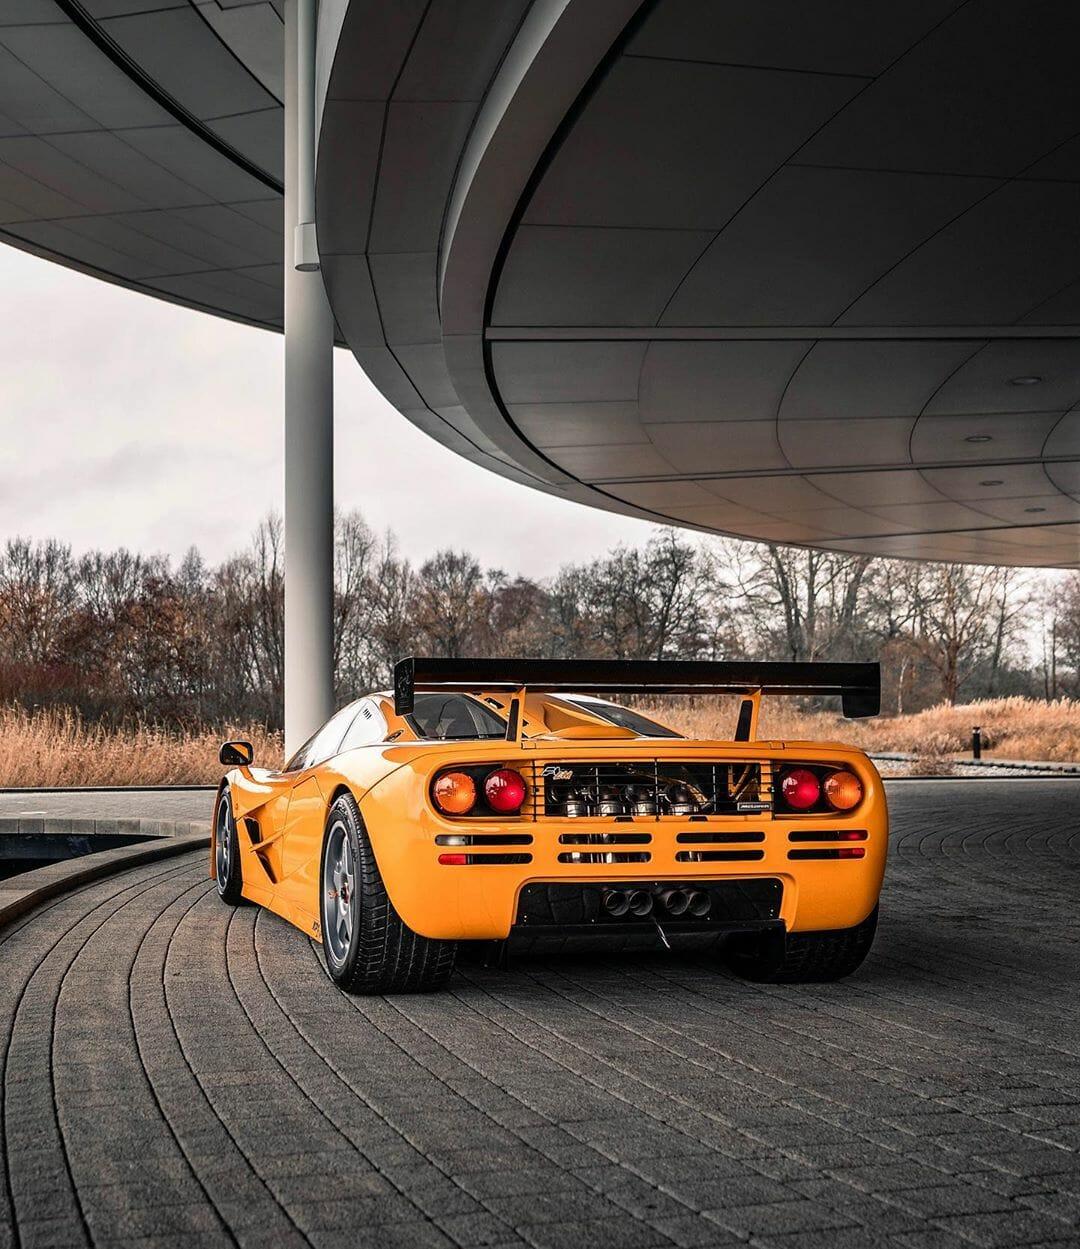 McLaren F1 LM - Image 3